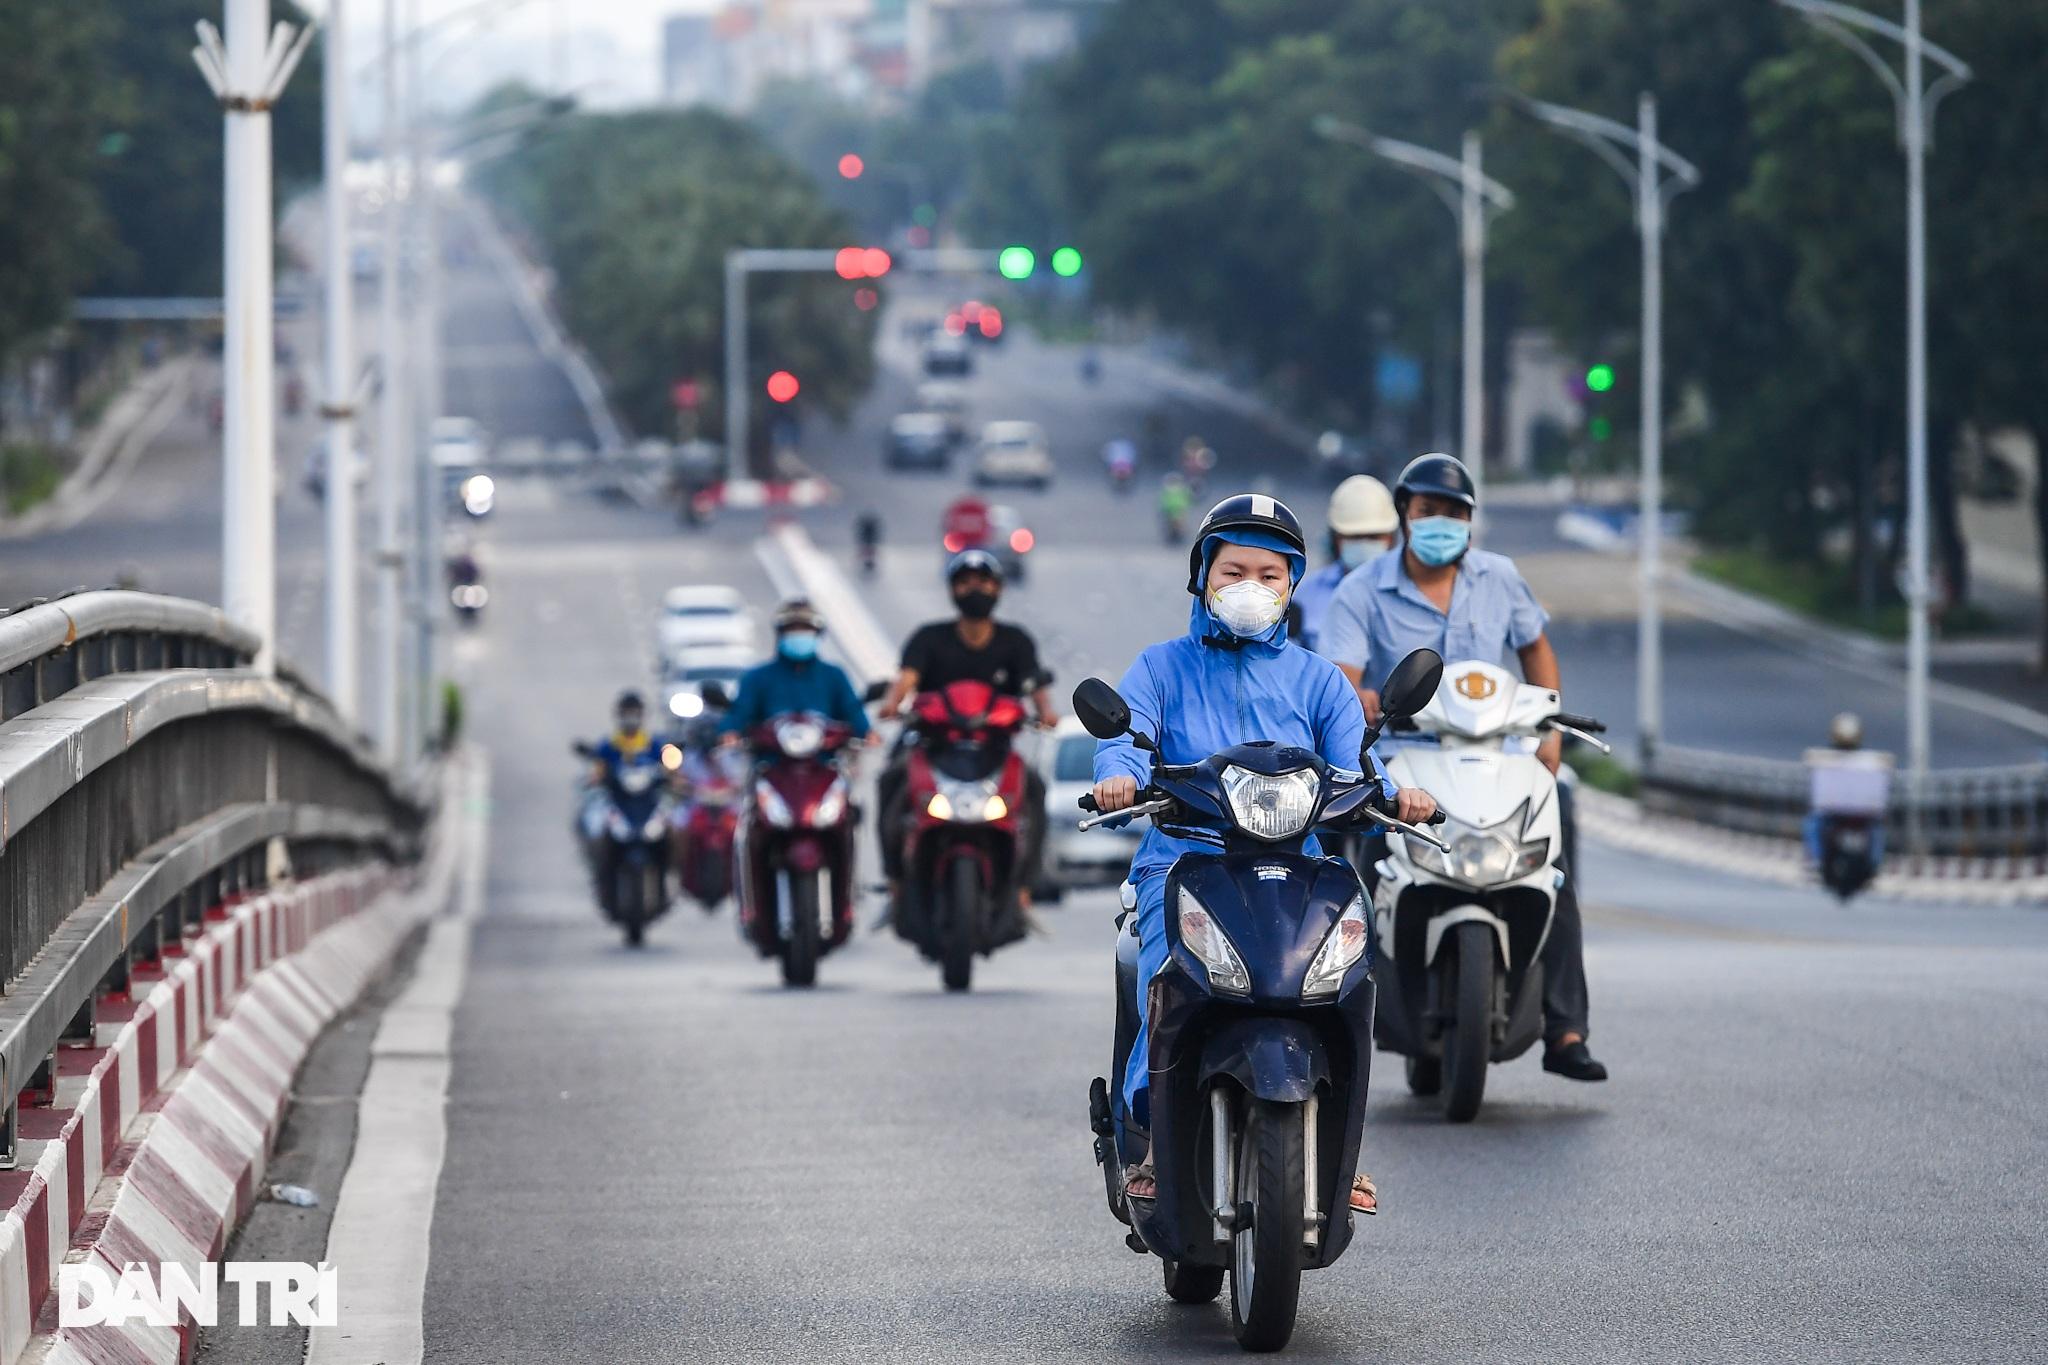 Giao thông vùng xanh ở Hà Nội nhộn nhịp trở lại sau quy định nới lỏng - 10